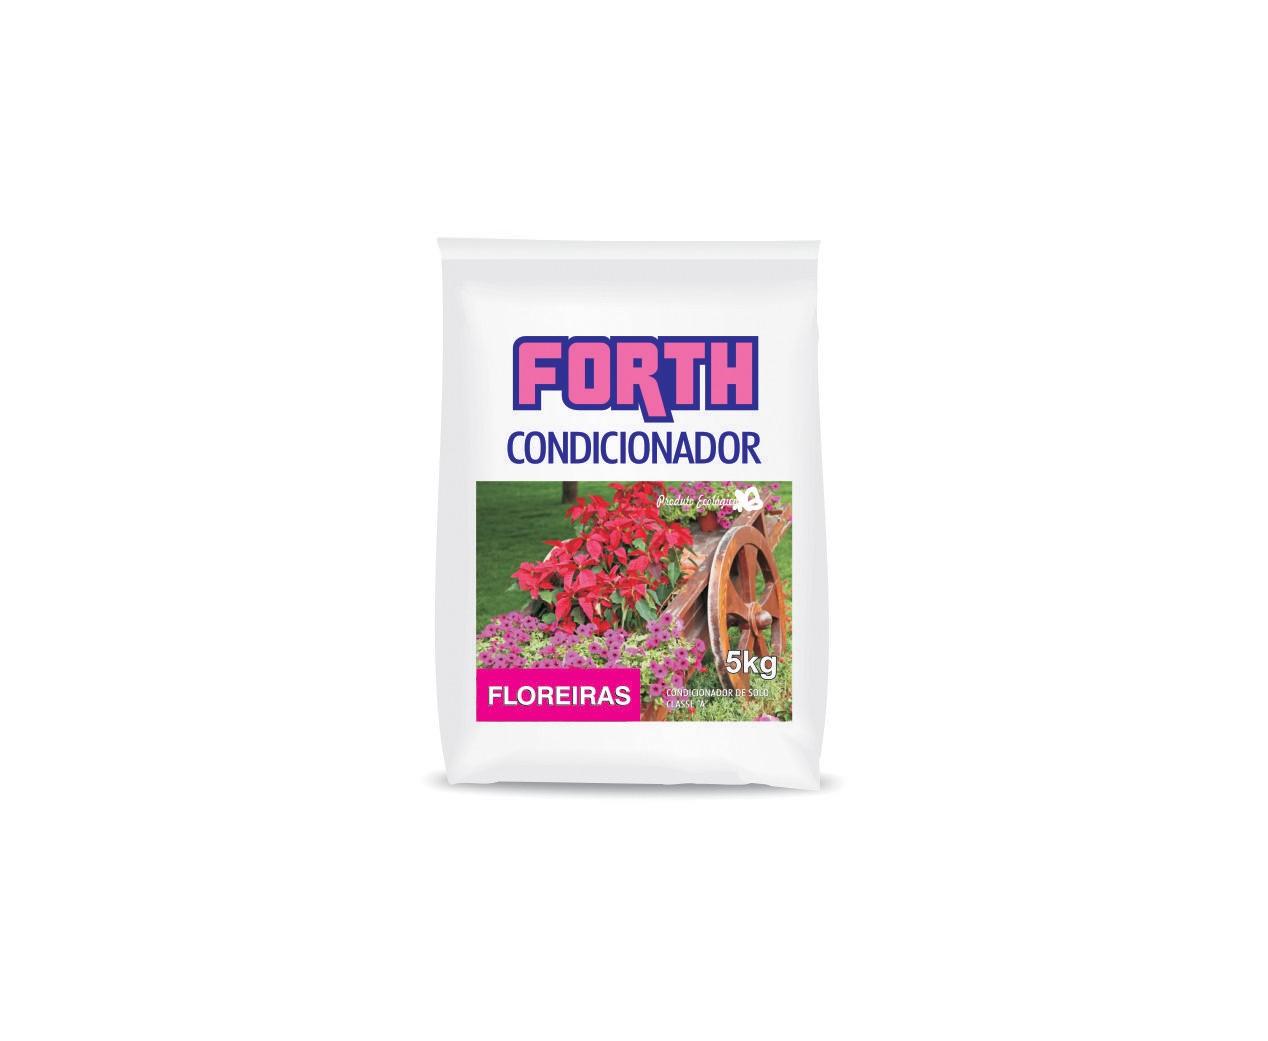 FORTH Condicionador Floreira 5kg